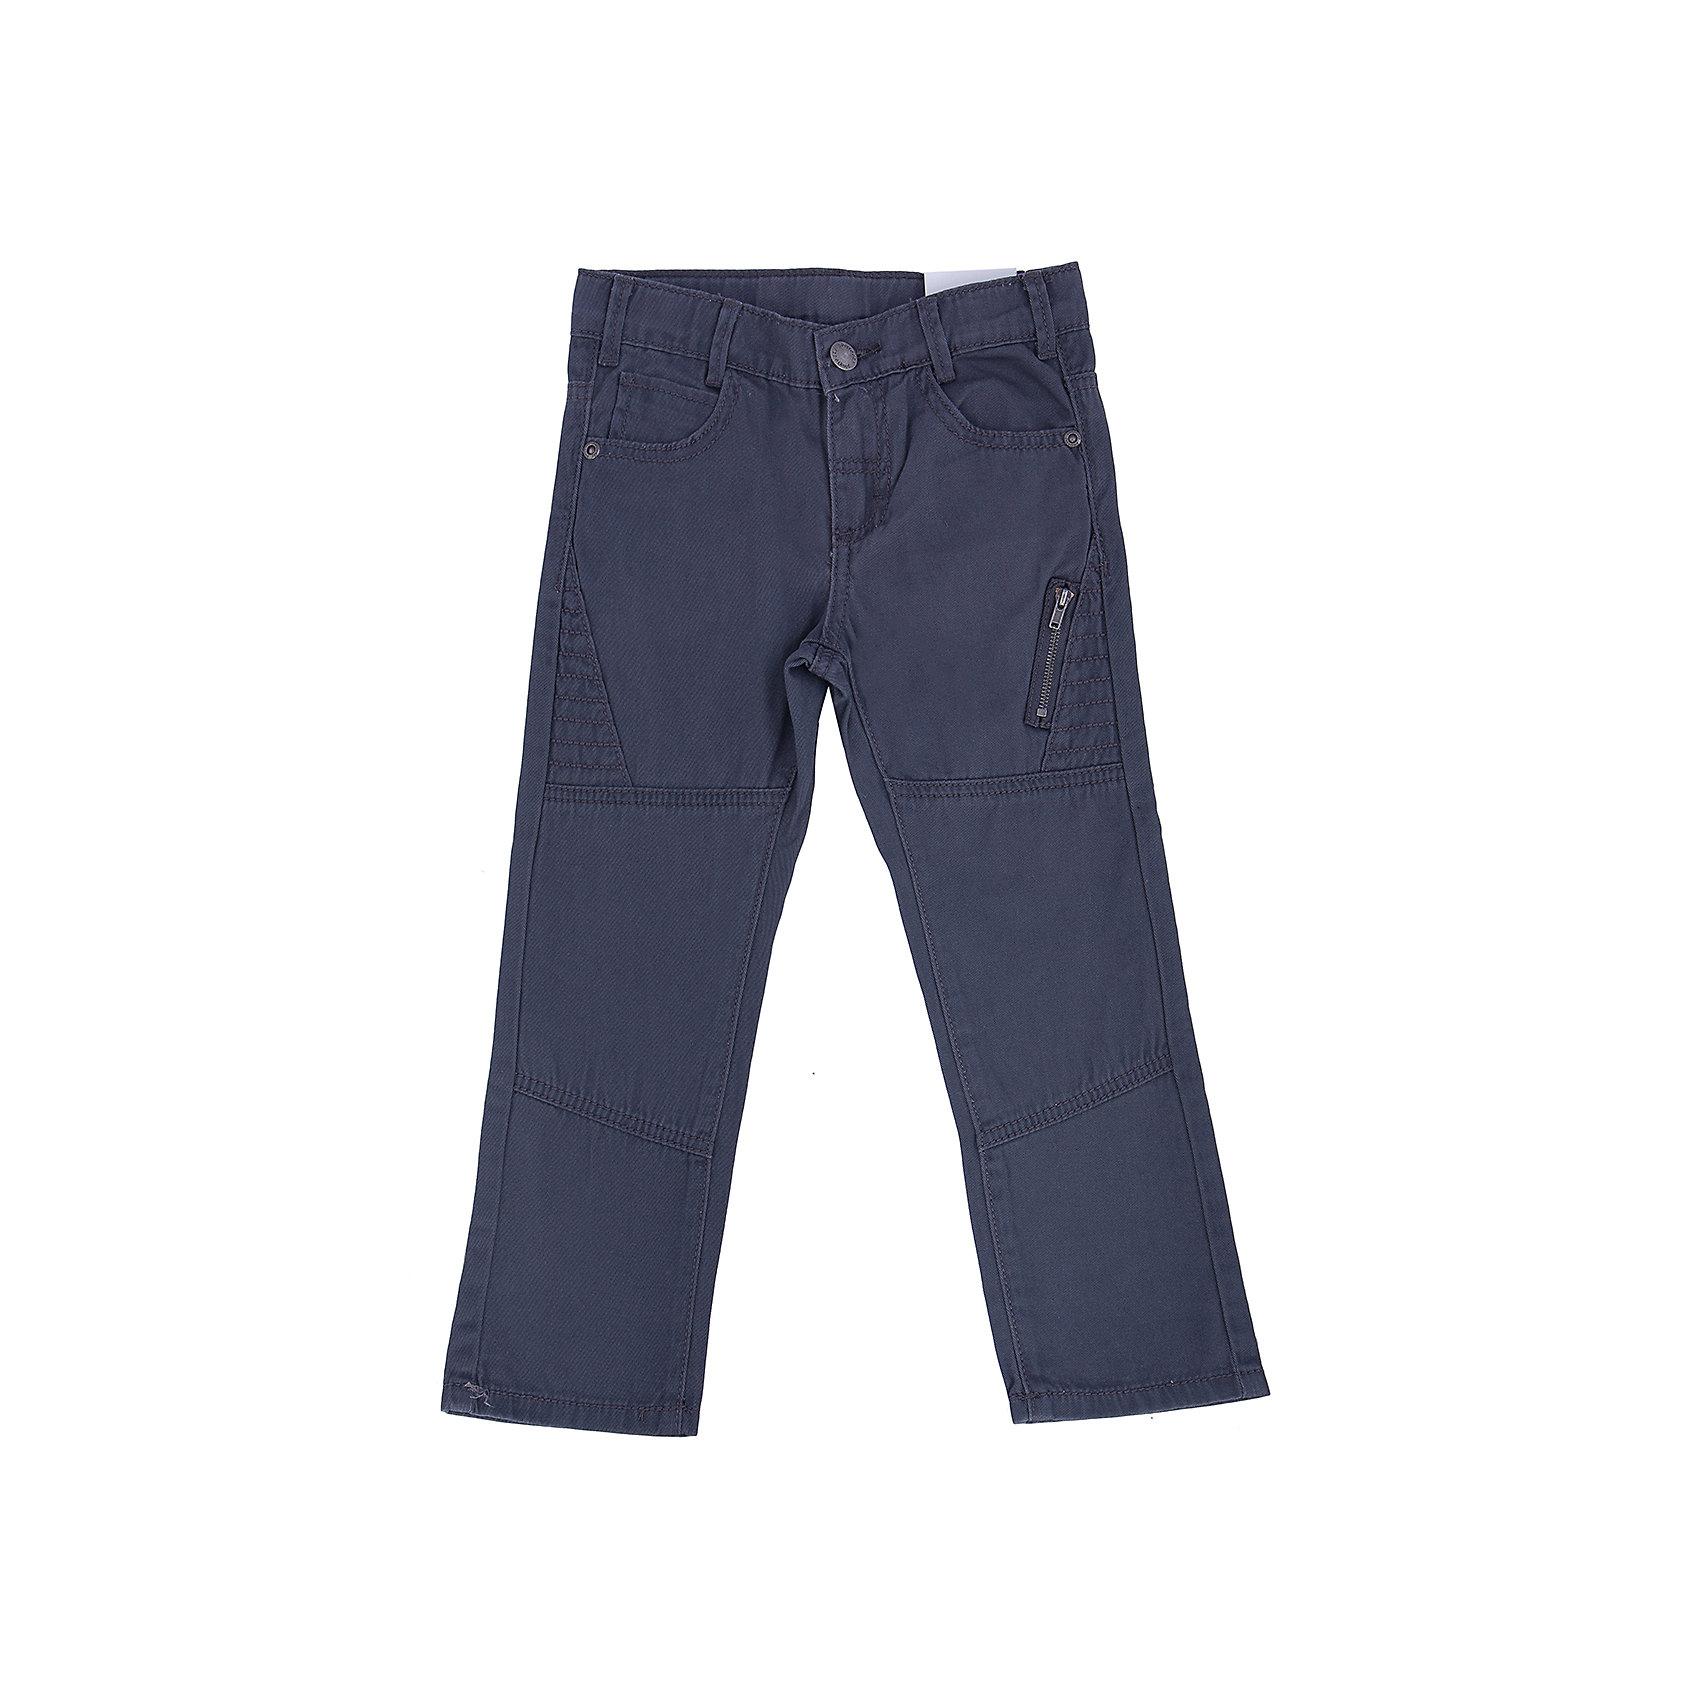 Брюки для мальчика PlayTodayБрюки<br>Брюки для мальчика от известного бренда PlayToday.<br>Стильные твиловые брюки графитового цвета. Классическая пятикарманка. Застегиваются на молнию и пуговицу, есть шлевки для ремня. Украшены декоративным карманом на молнии.<br>Состав:<br>100% хлопок<br><br>Ширина мм: 215<br>Глубина мм: 88<br>Высота мм: 191<br>Вес г: 336<br>Цвет: серый<br>Возраст от месяцев: 36<br>Возраст до месяцев: 48<br>Пол: Мужской<br>Возраст: Детский<br>Размер: 104,122,98,116,110,128<br>SKU: 4896766